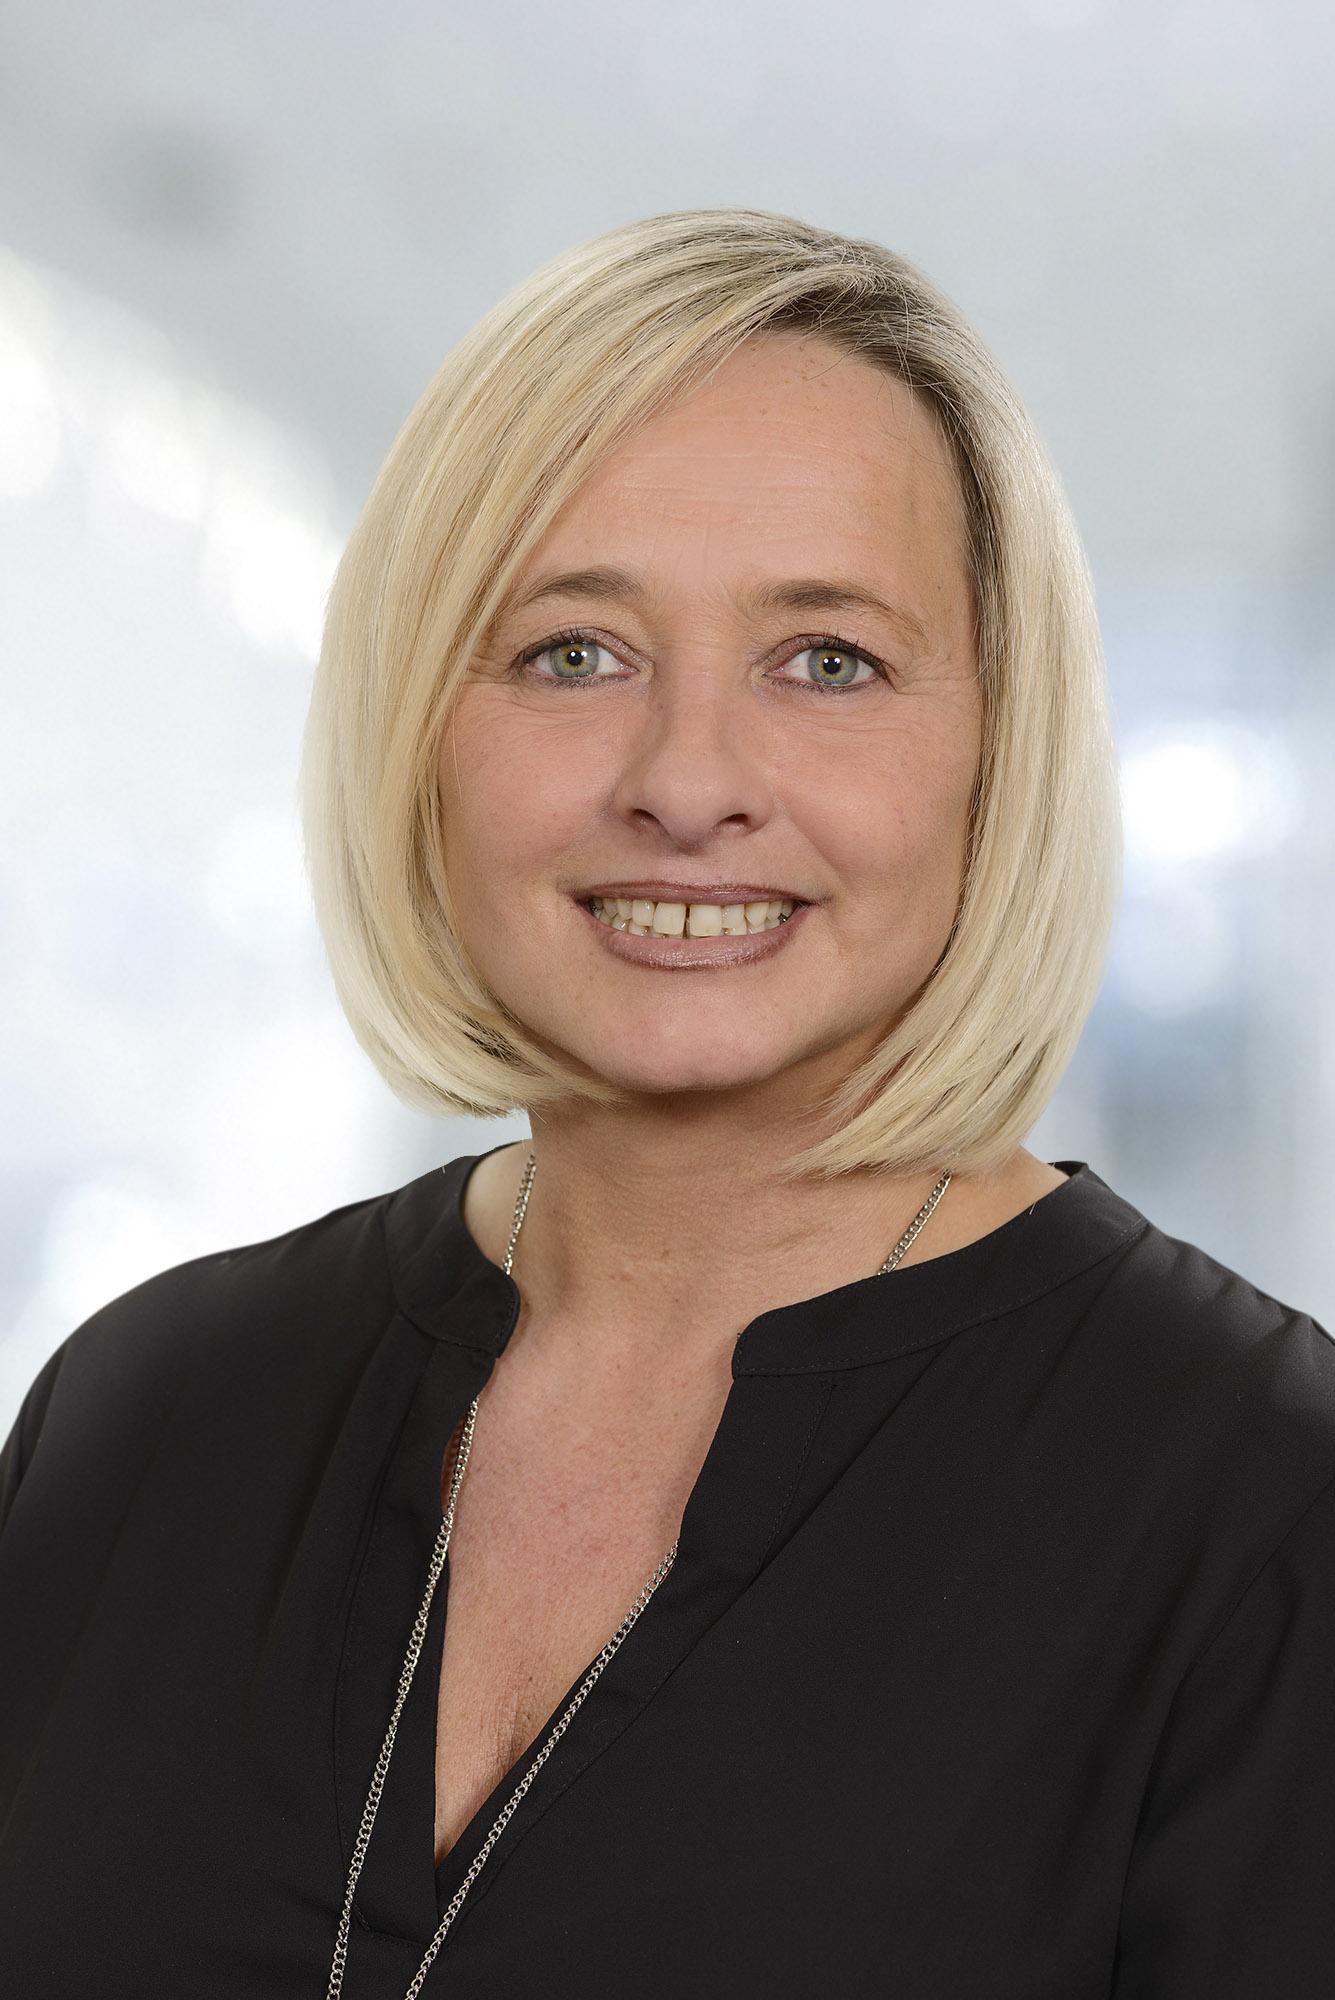 Silvia Grösser, EVIDENT GmbH